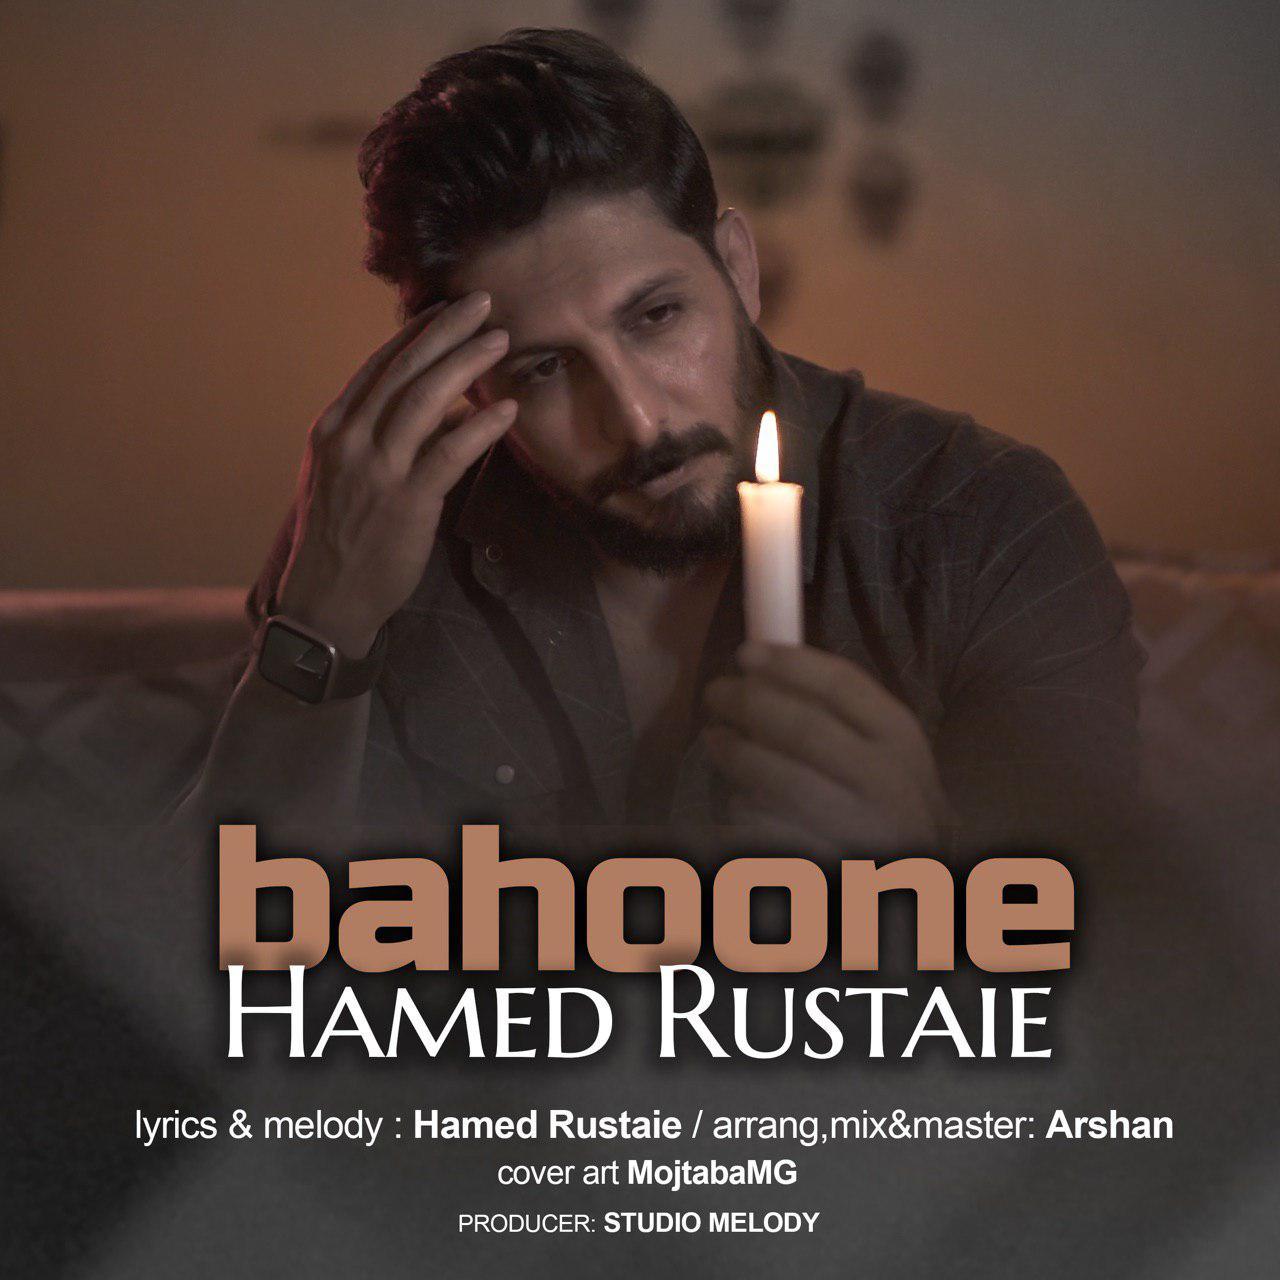 Hamed Rustaie – Bahoone